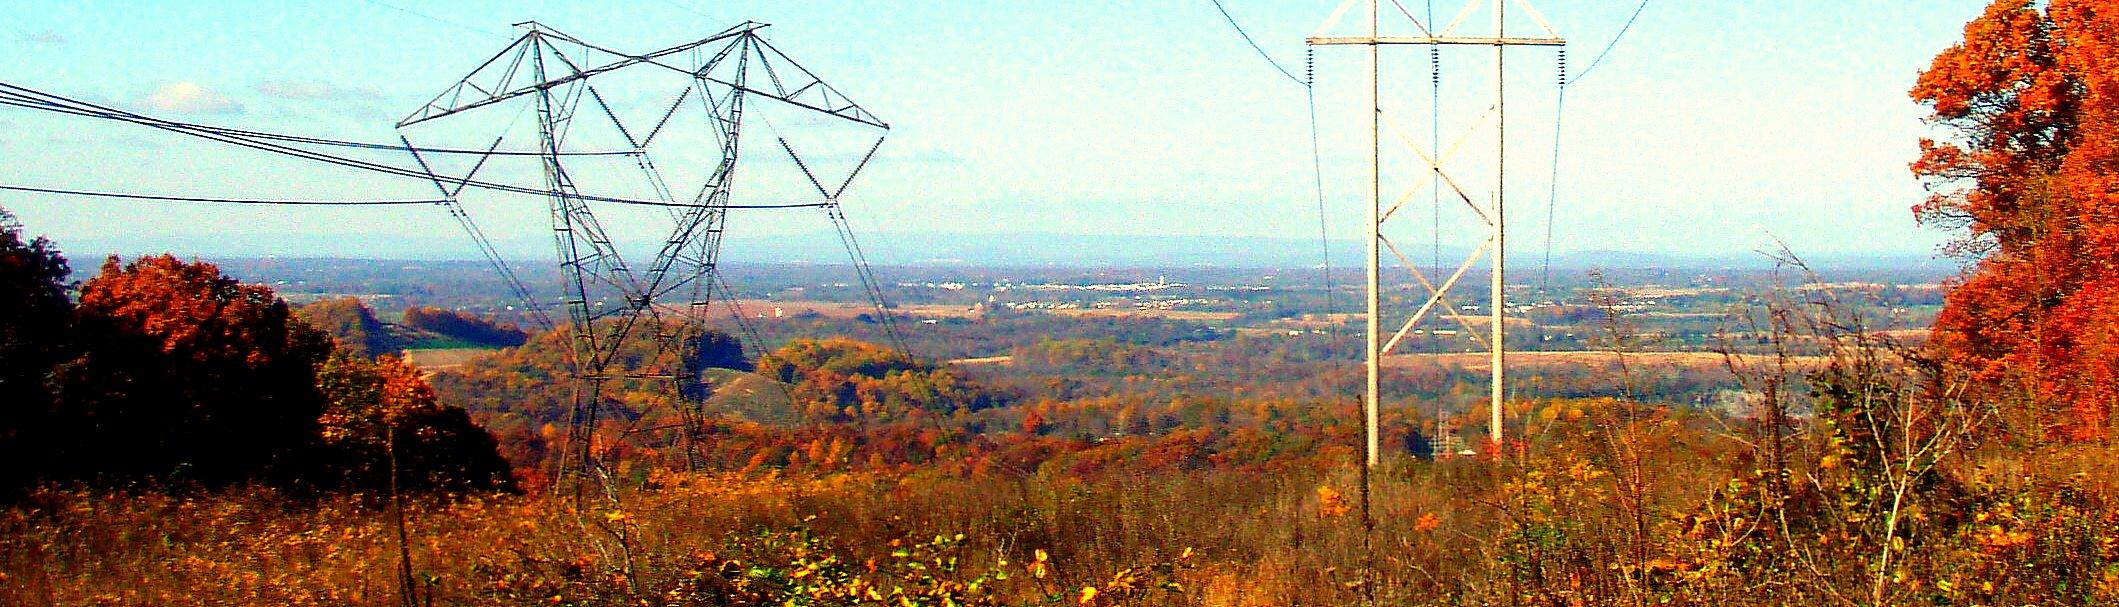 AT - Keys Gap to Buzzard Rocks, VA (October 25)